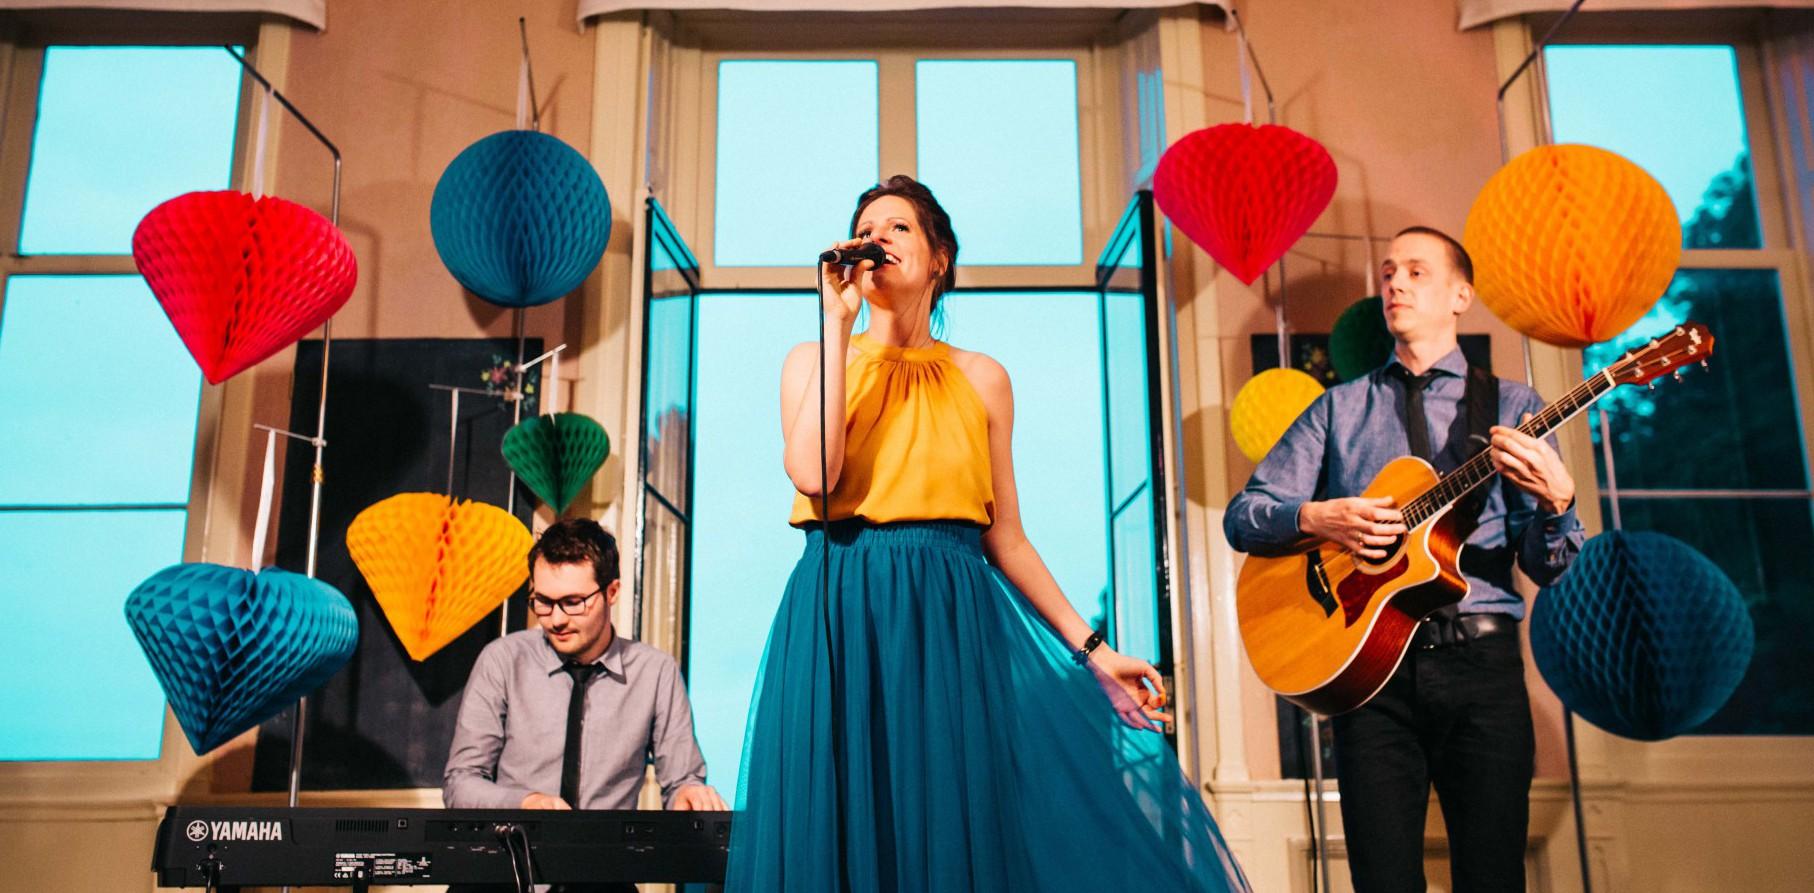 muzikaal trio persfoto